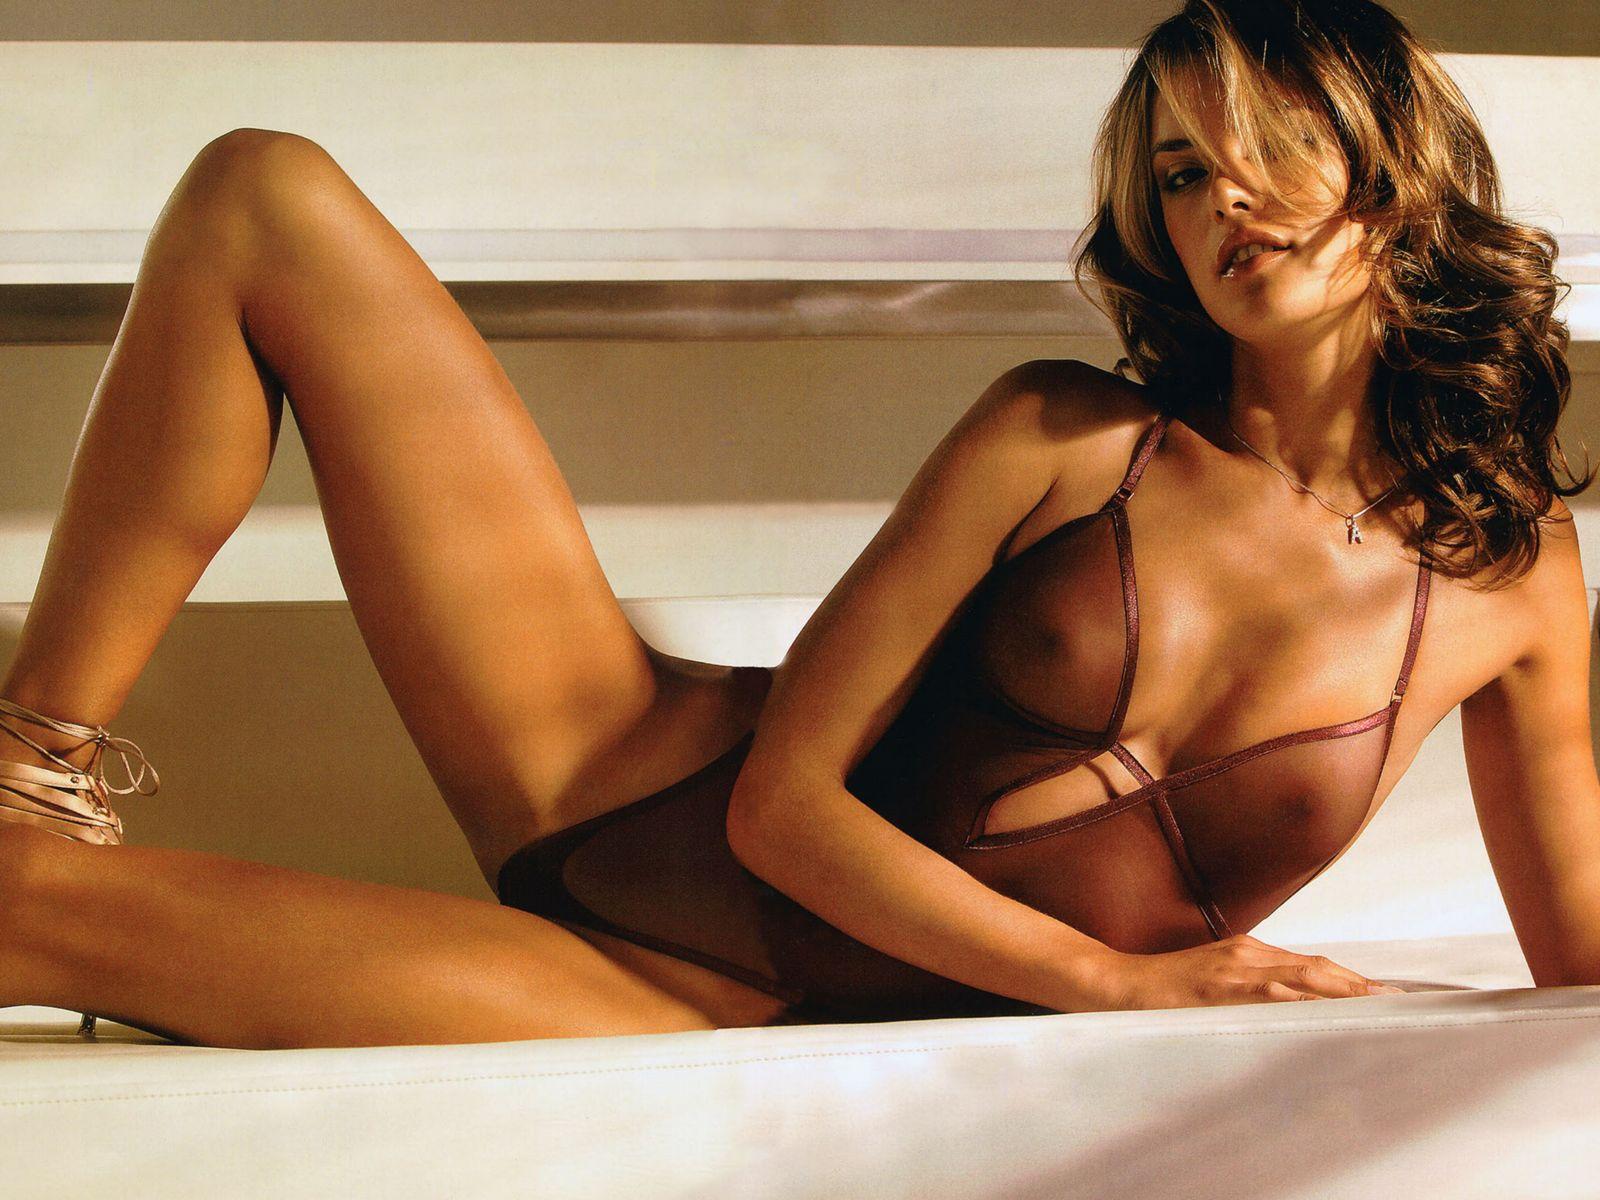 http://2.bp.blogspot.com/-IlduVSgsO_o/TzvGfk-aCXI/AAAAAAAALy0/zlYTgh_mngM/s1600/alessandra+ambrosio+hot+sexy+coolaristo+9.jpg